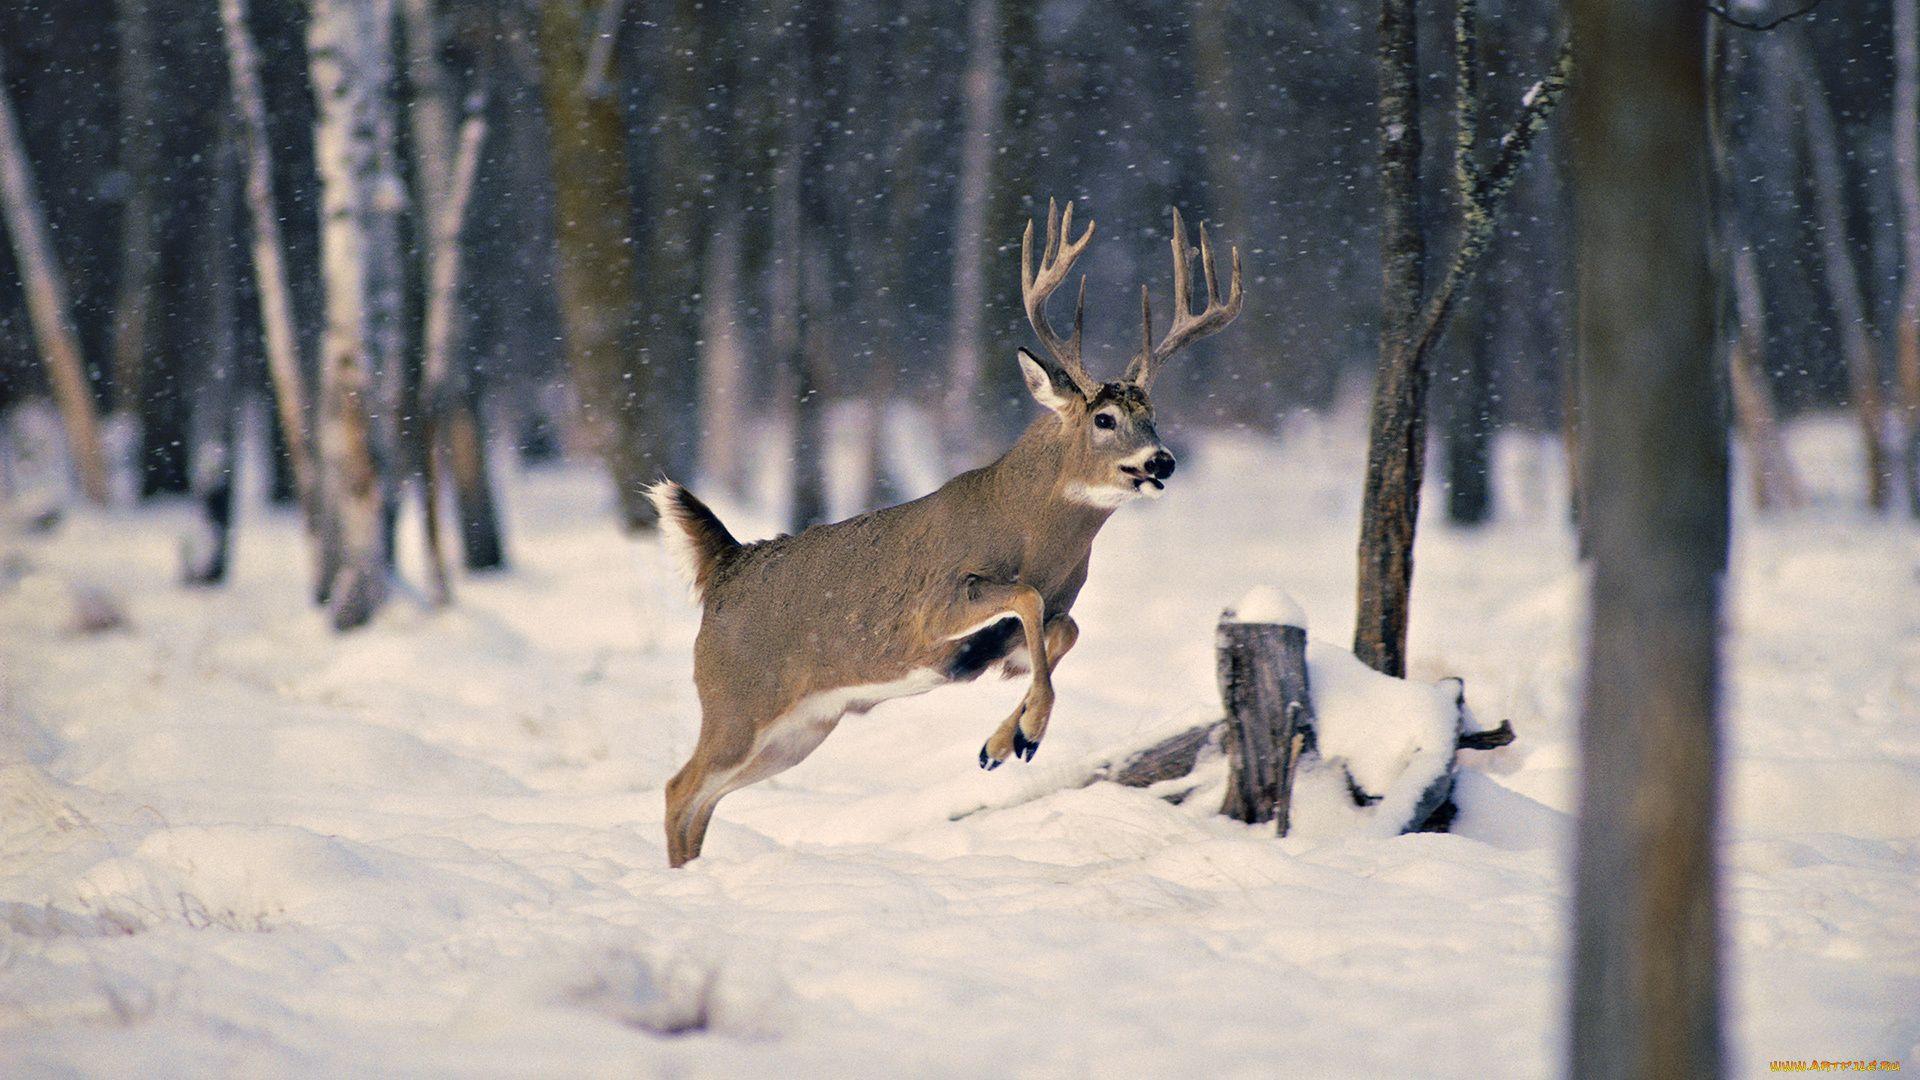 Animals In Winter Forest